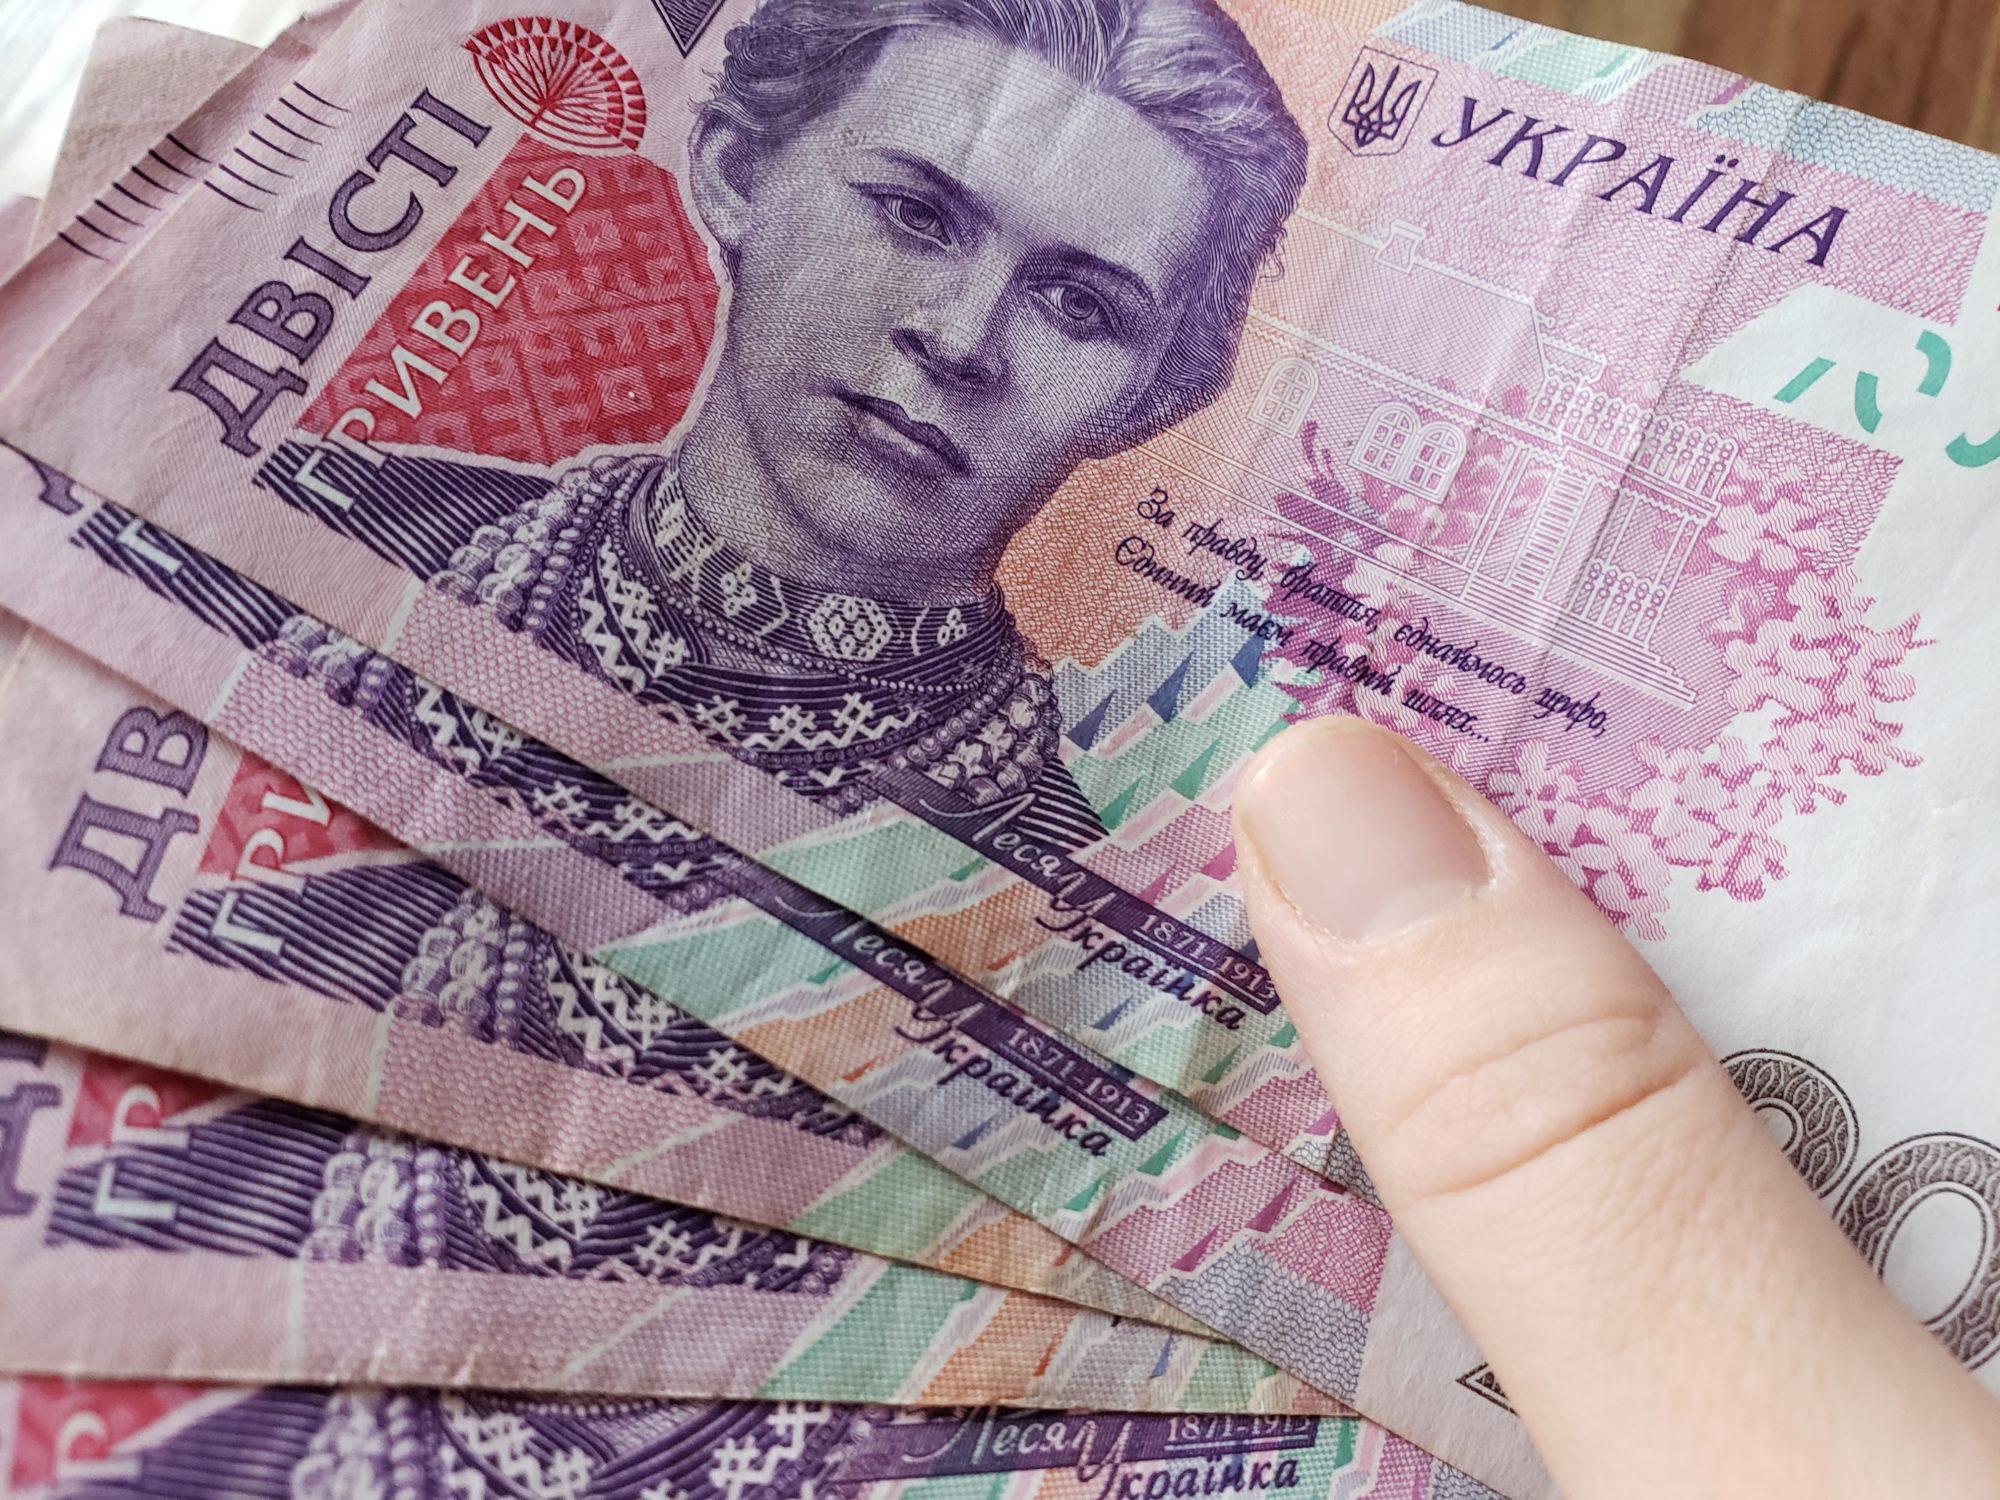 habarchik2-2000x1500 Середня заробітна плата в місті Києві вище загальноукраїнського значення в 1,5 рази